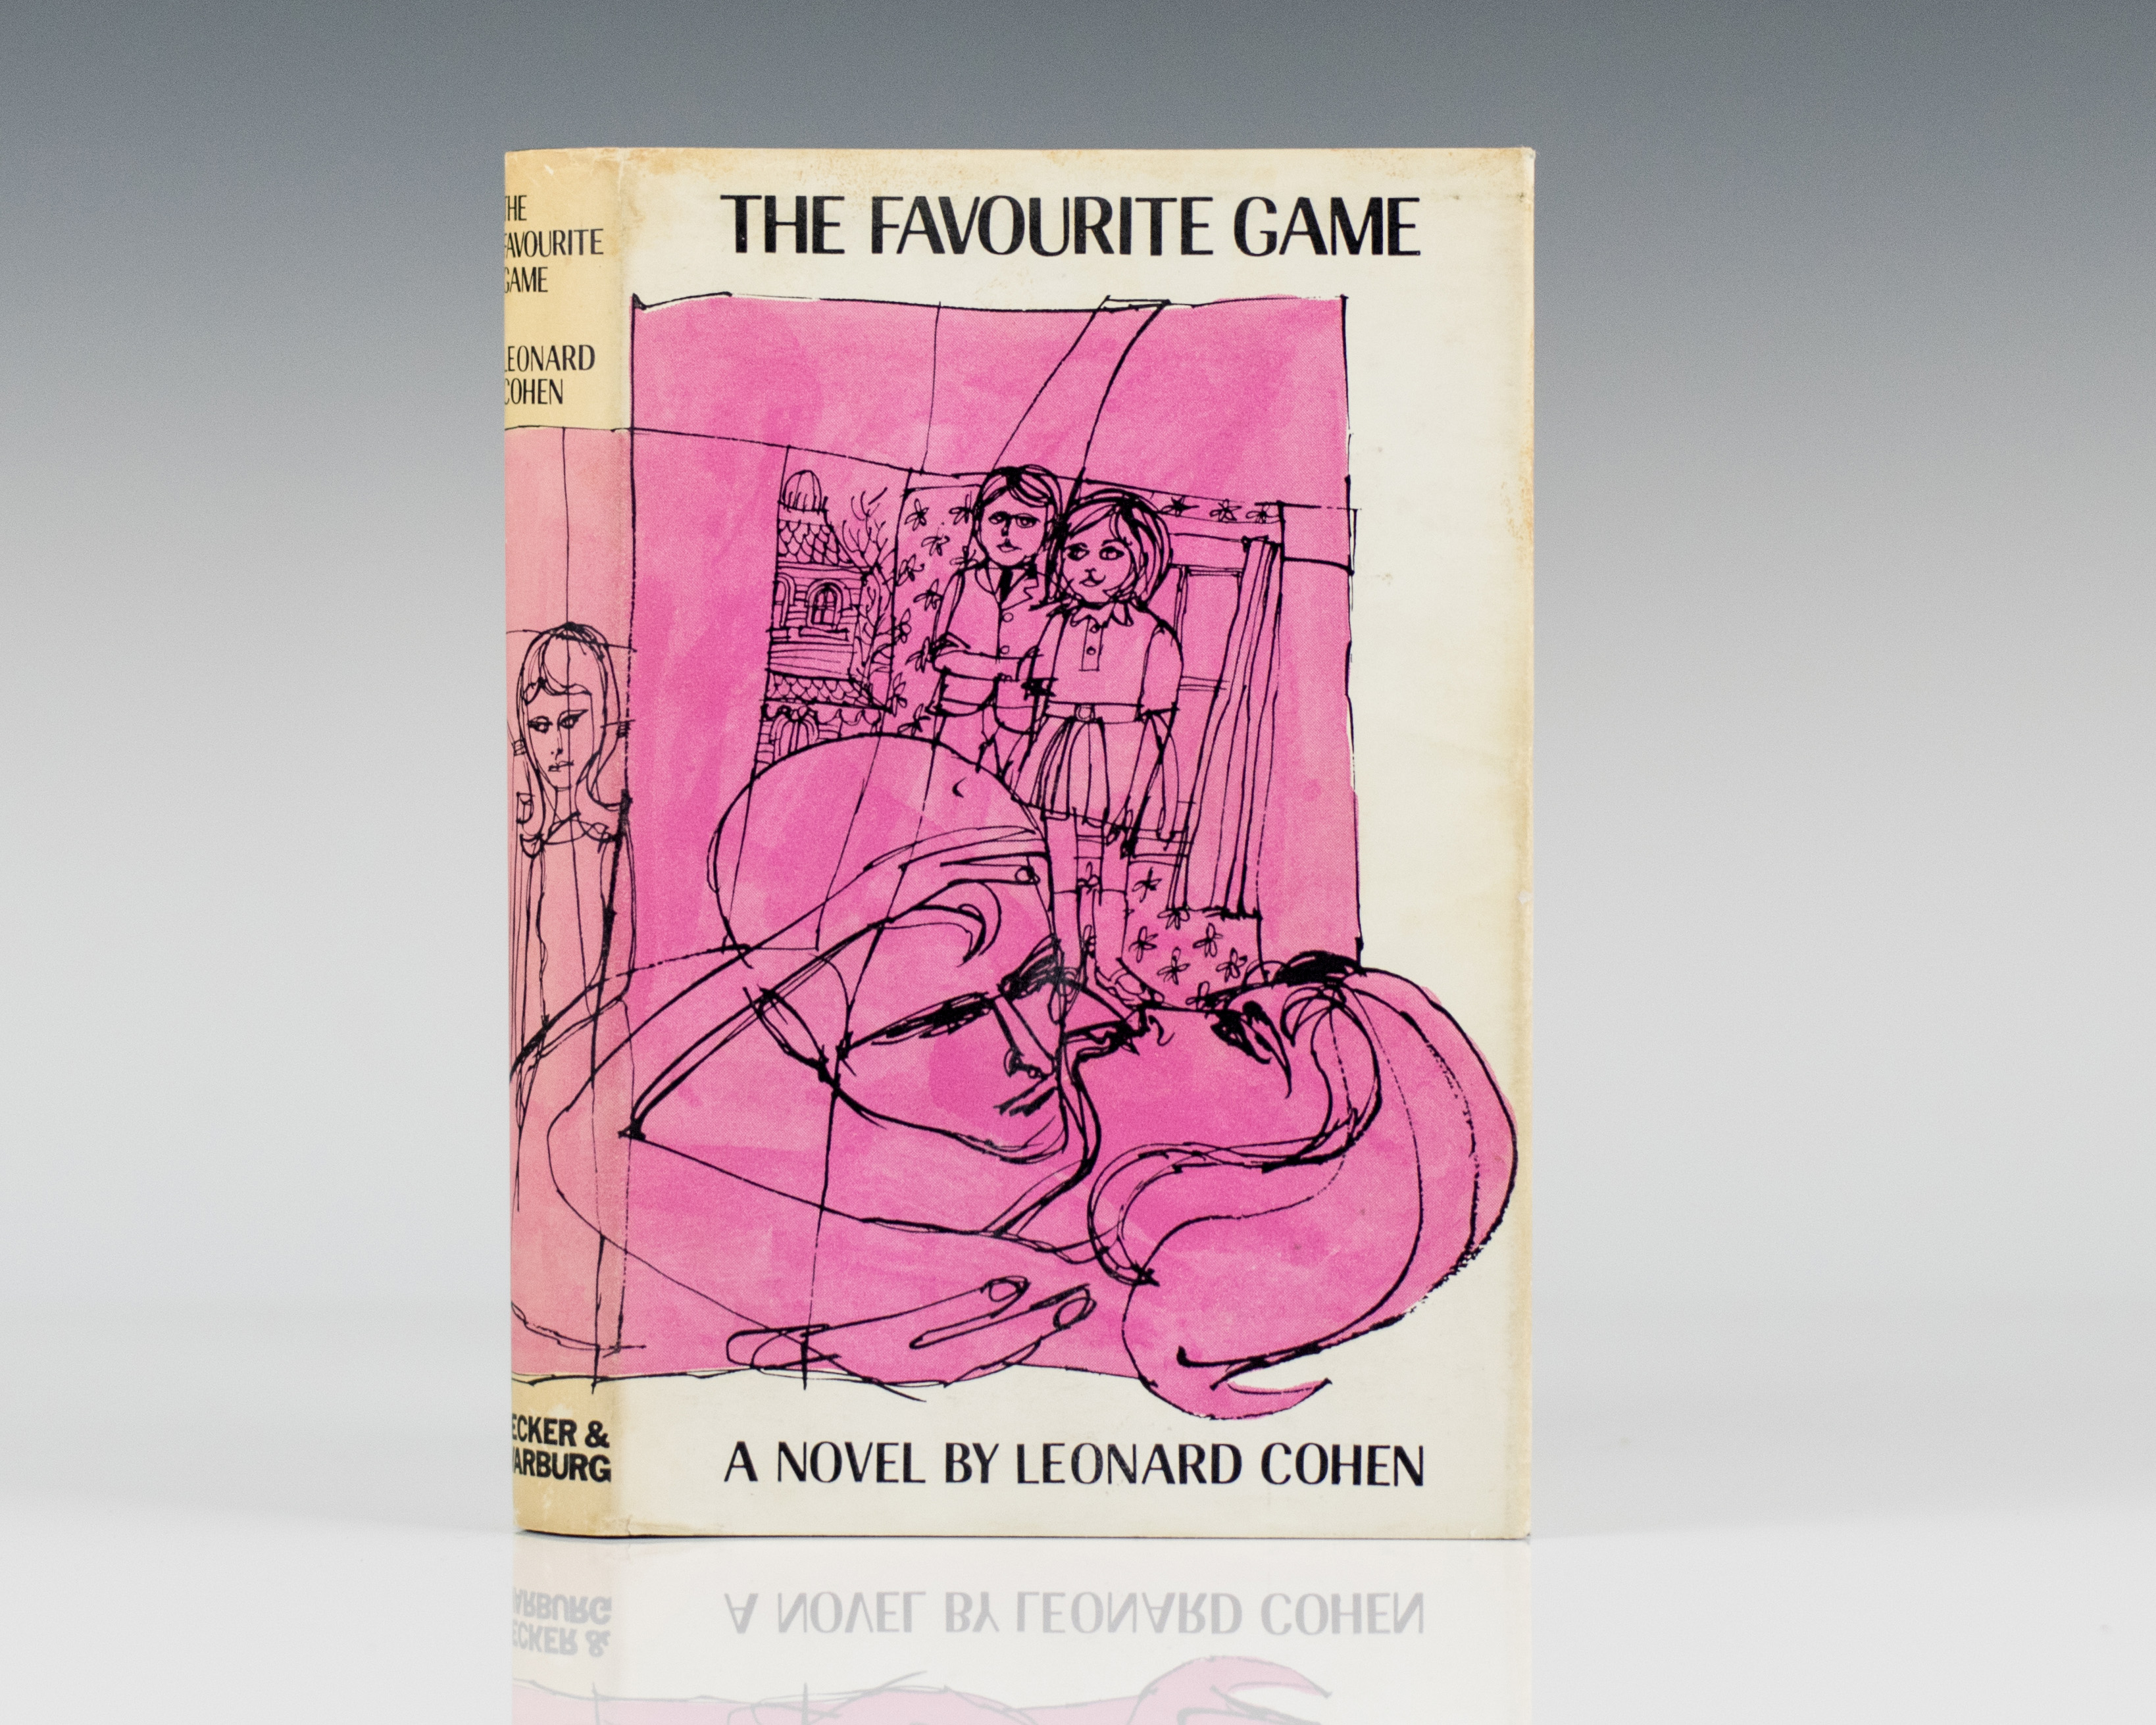 The Favorite Game, Leonard Cohen, première édition signée Image via AbeBooks.com